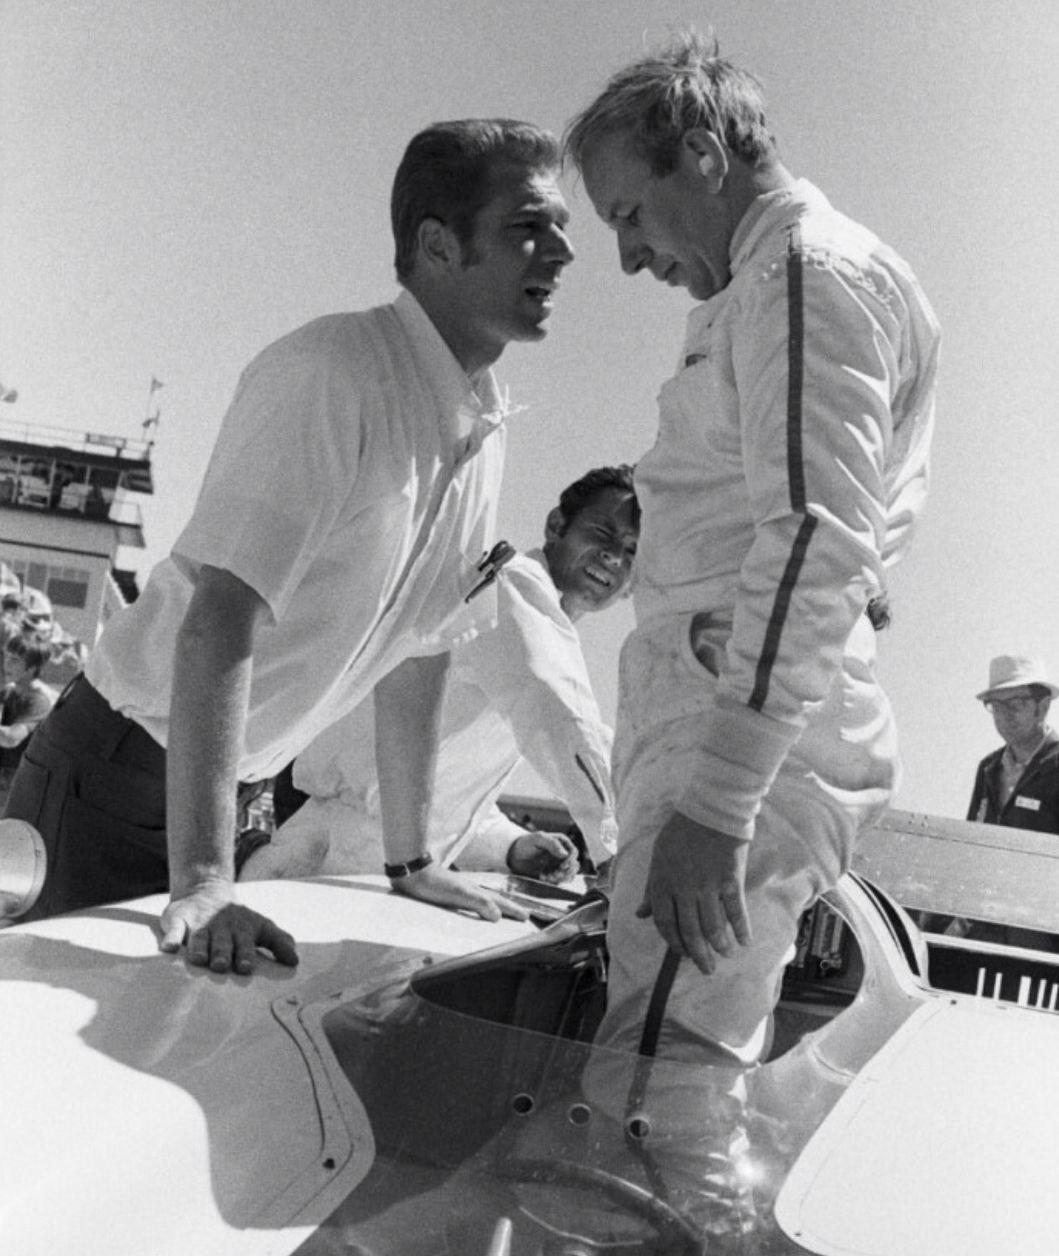 John Surtees Chaparral Jim Hall and John Surtees, Edmonton CanAm 1969. Chaparral 2H Chev.